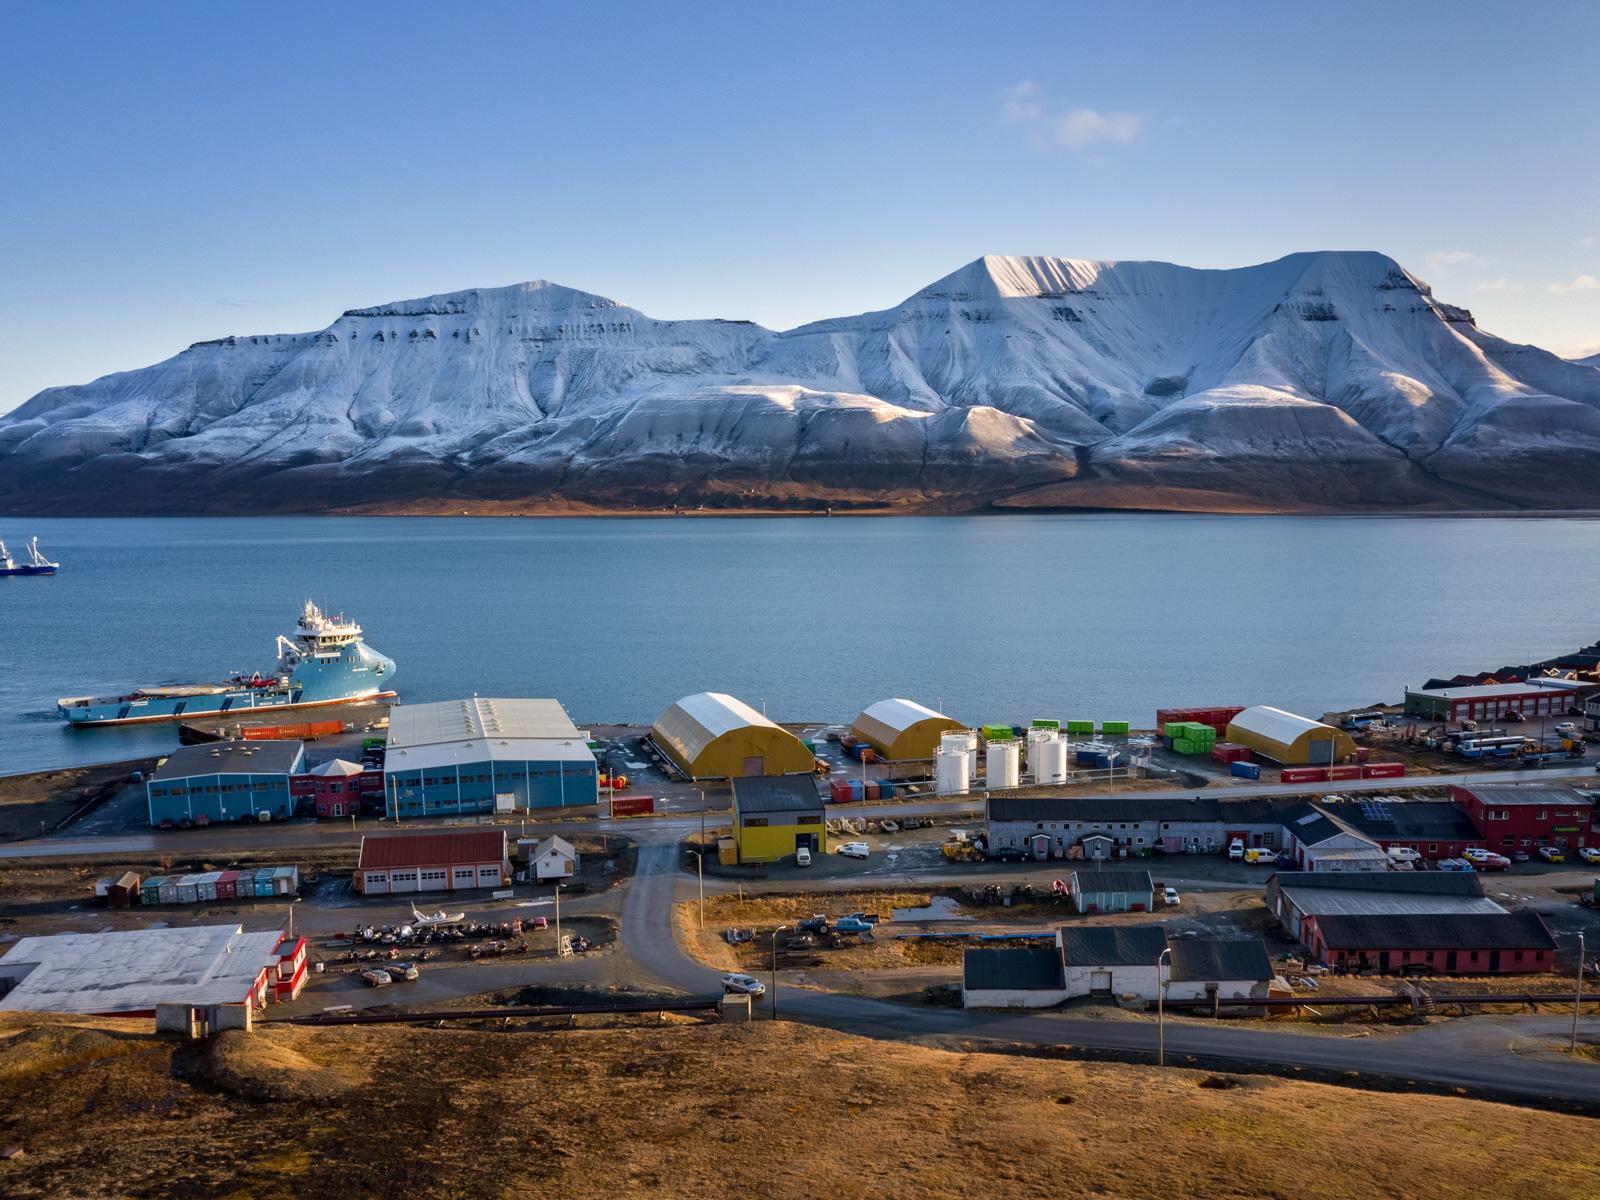 Svalbard_Spitsbergen_Longyearbyen-2